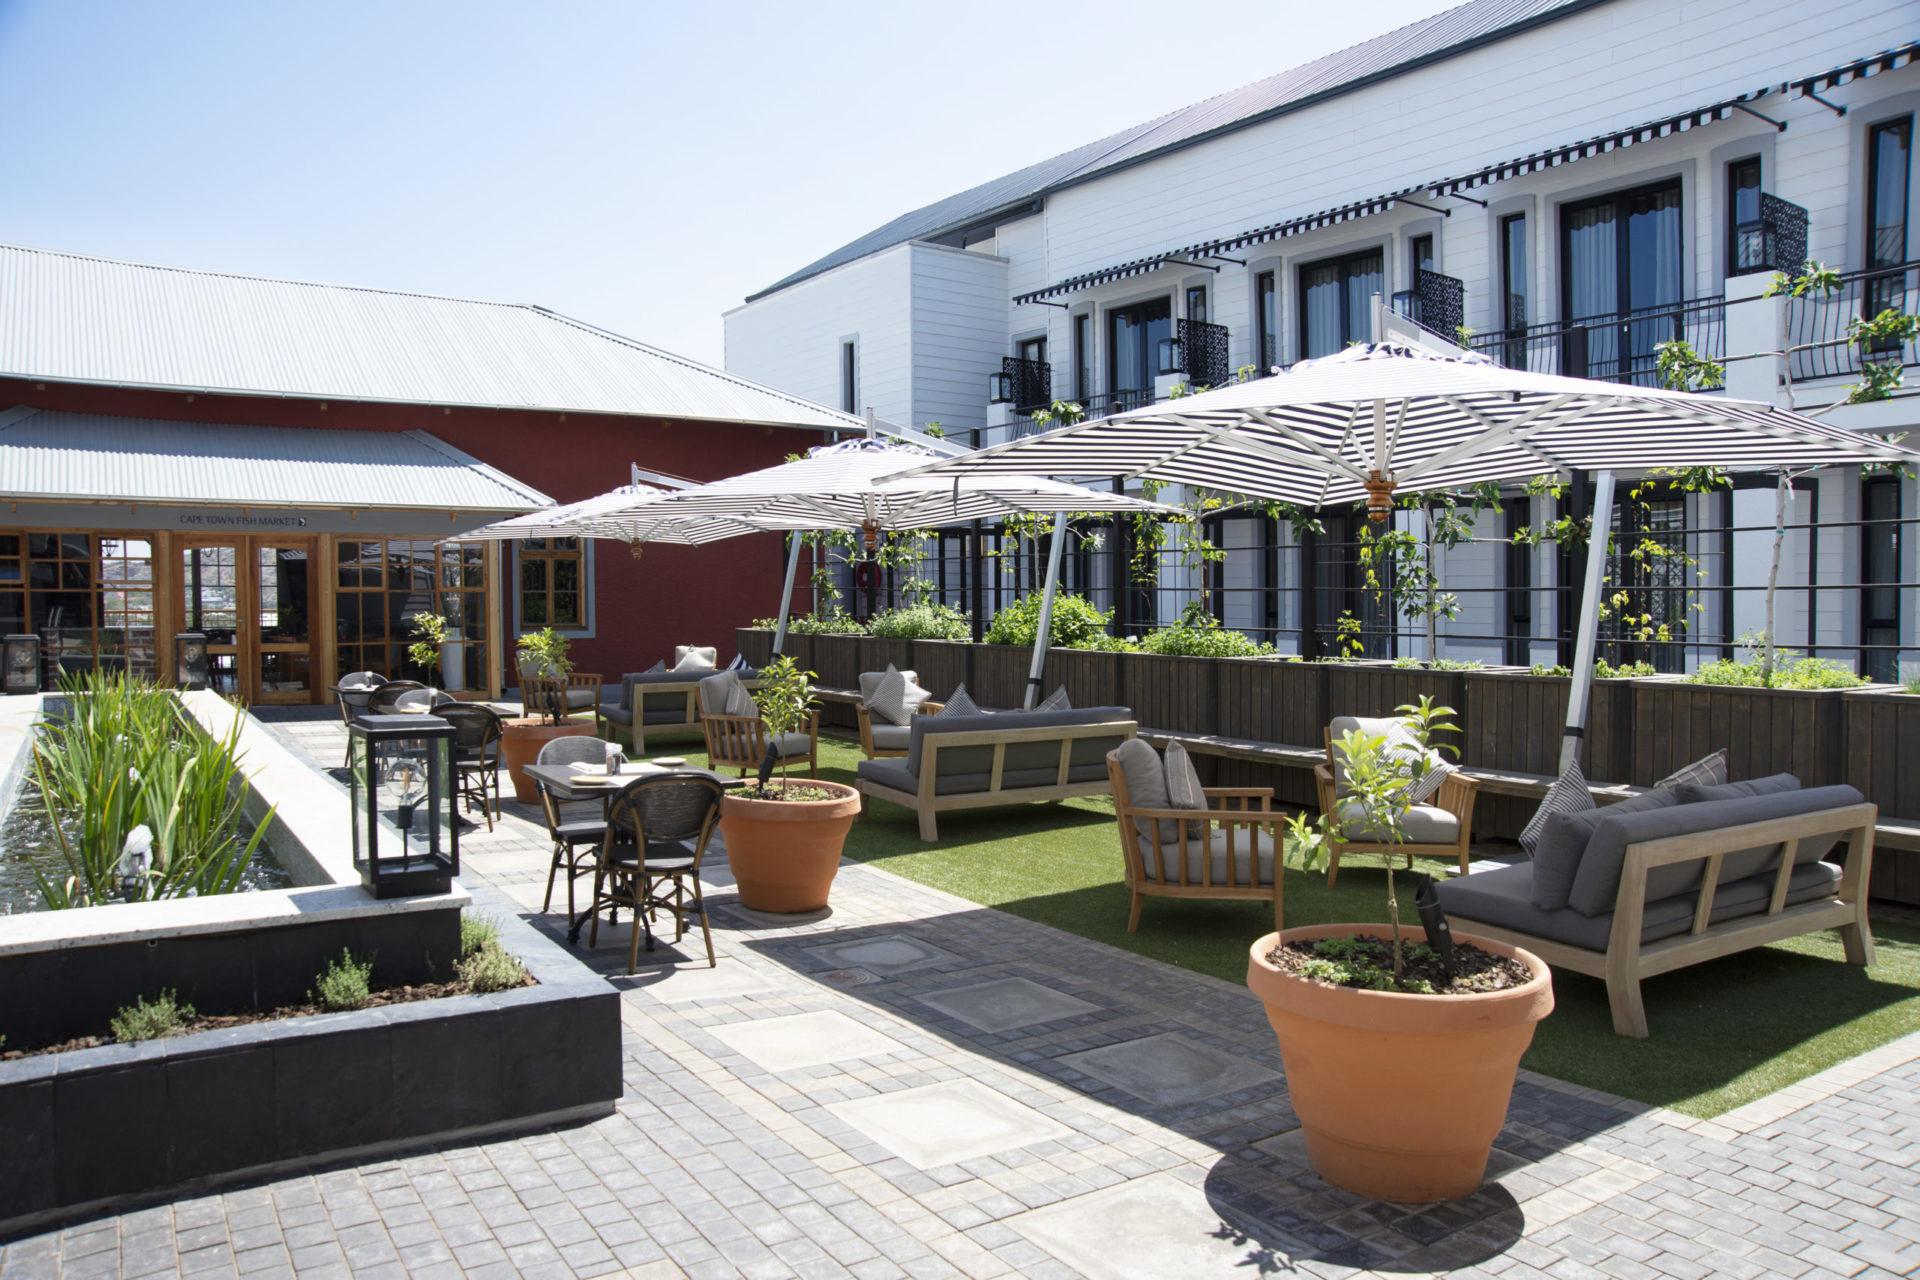 Namibia - 1552 - Am Weinberg - Courtyard